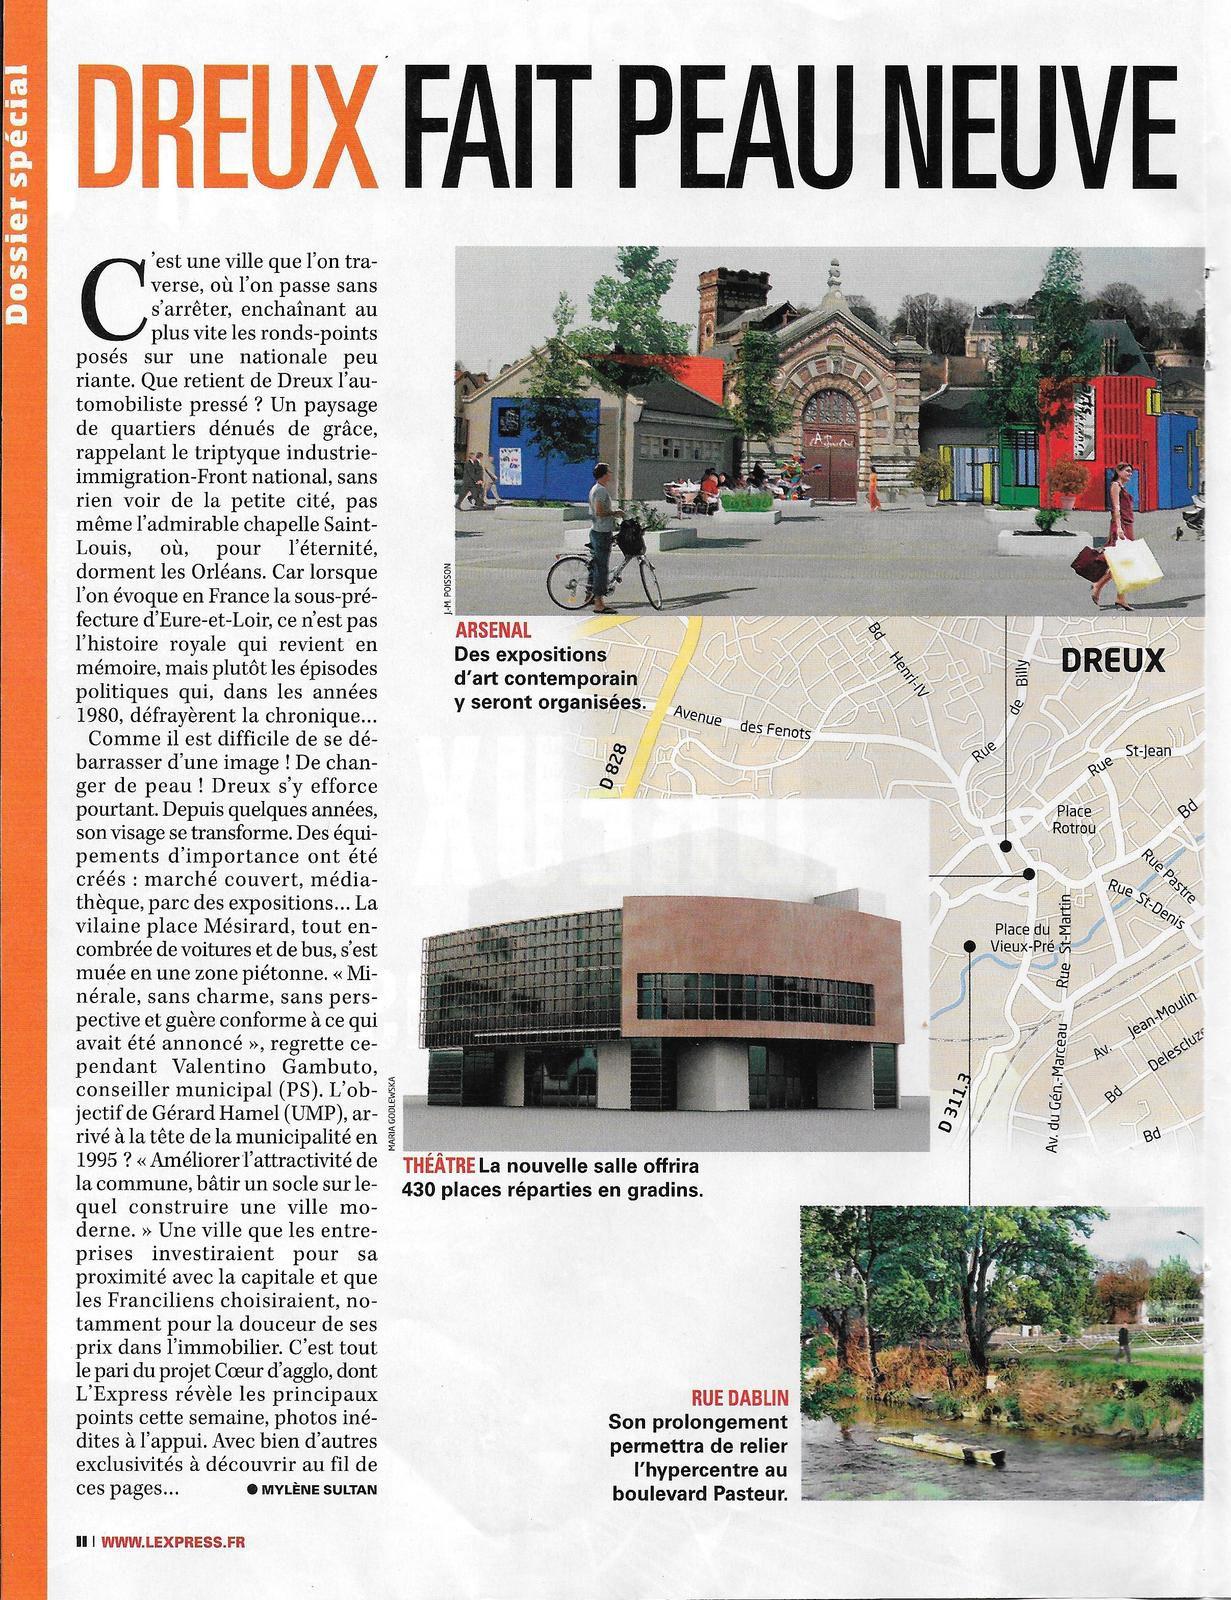 DREUX DANS 10 ANS (Article de l'Express mai 2009)